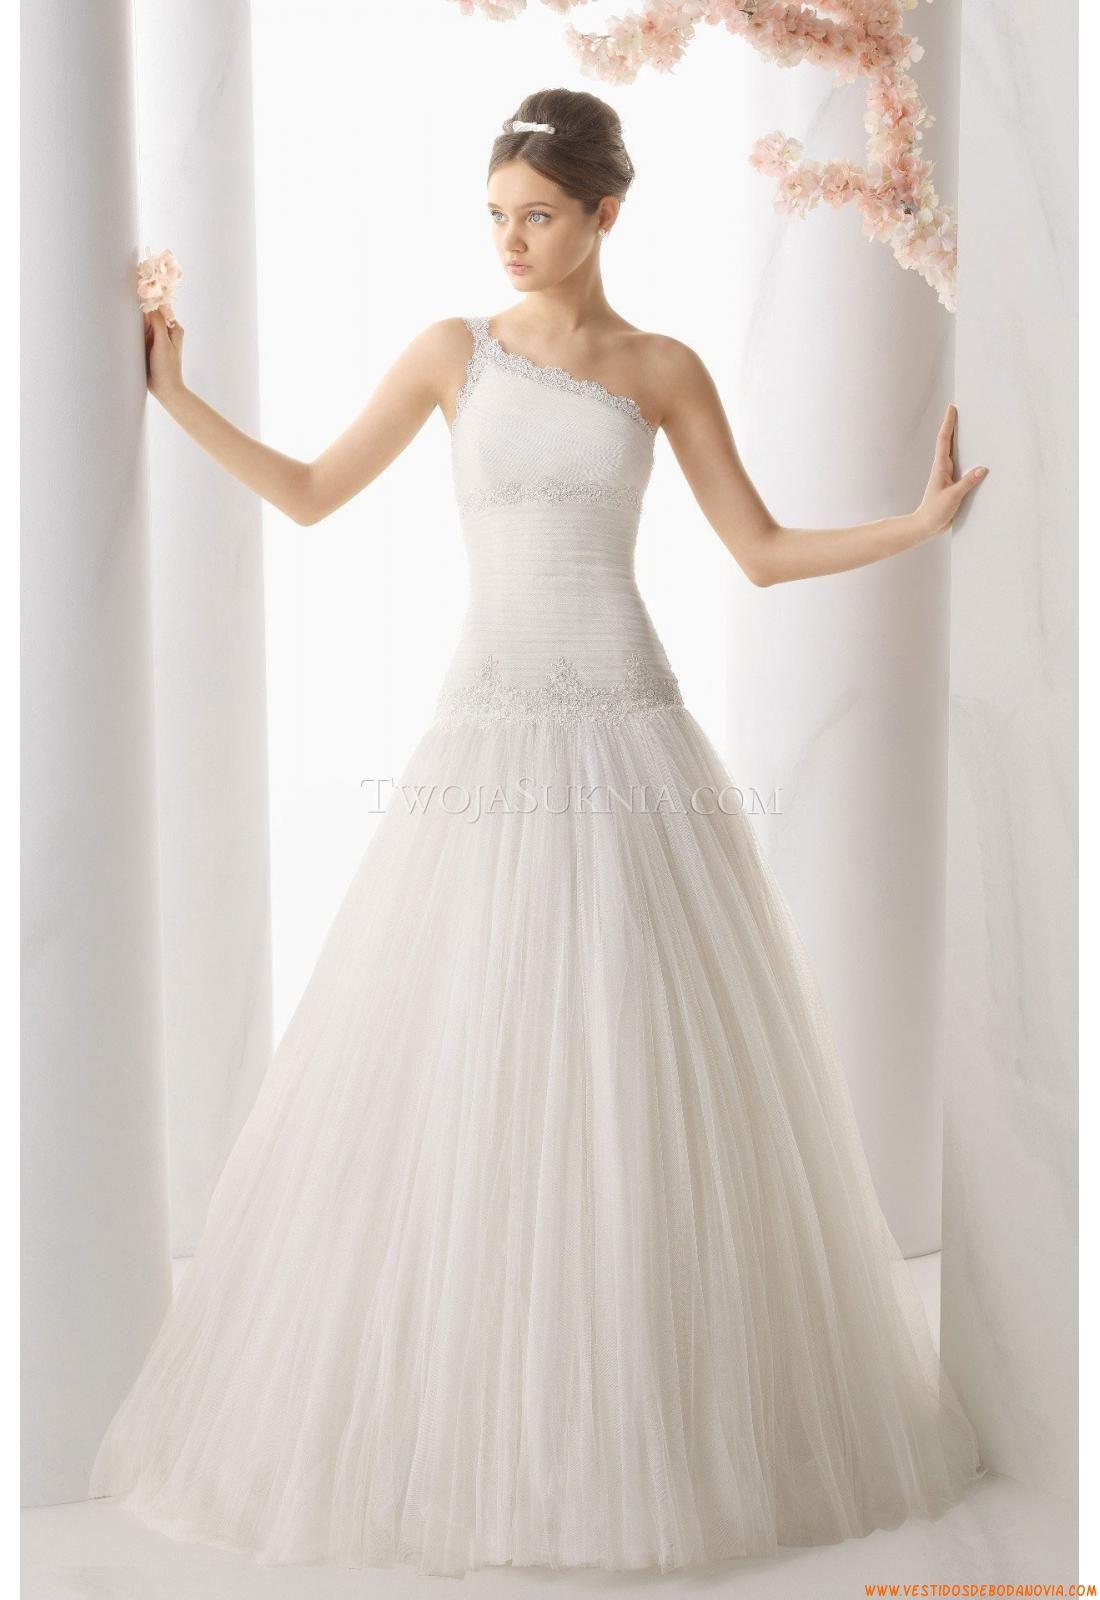 Alma novia vestidos fiesta